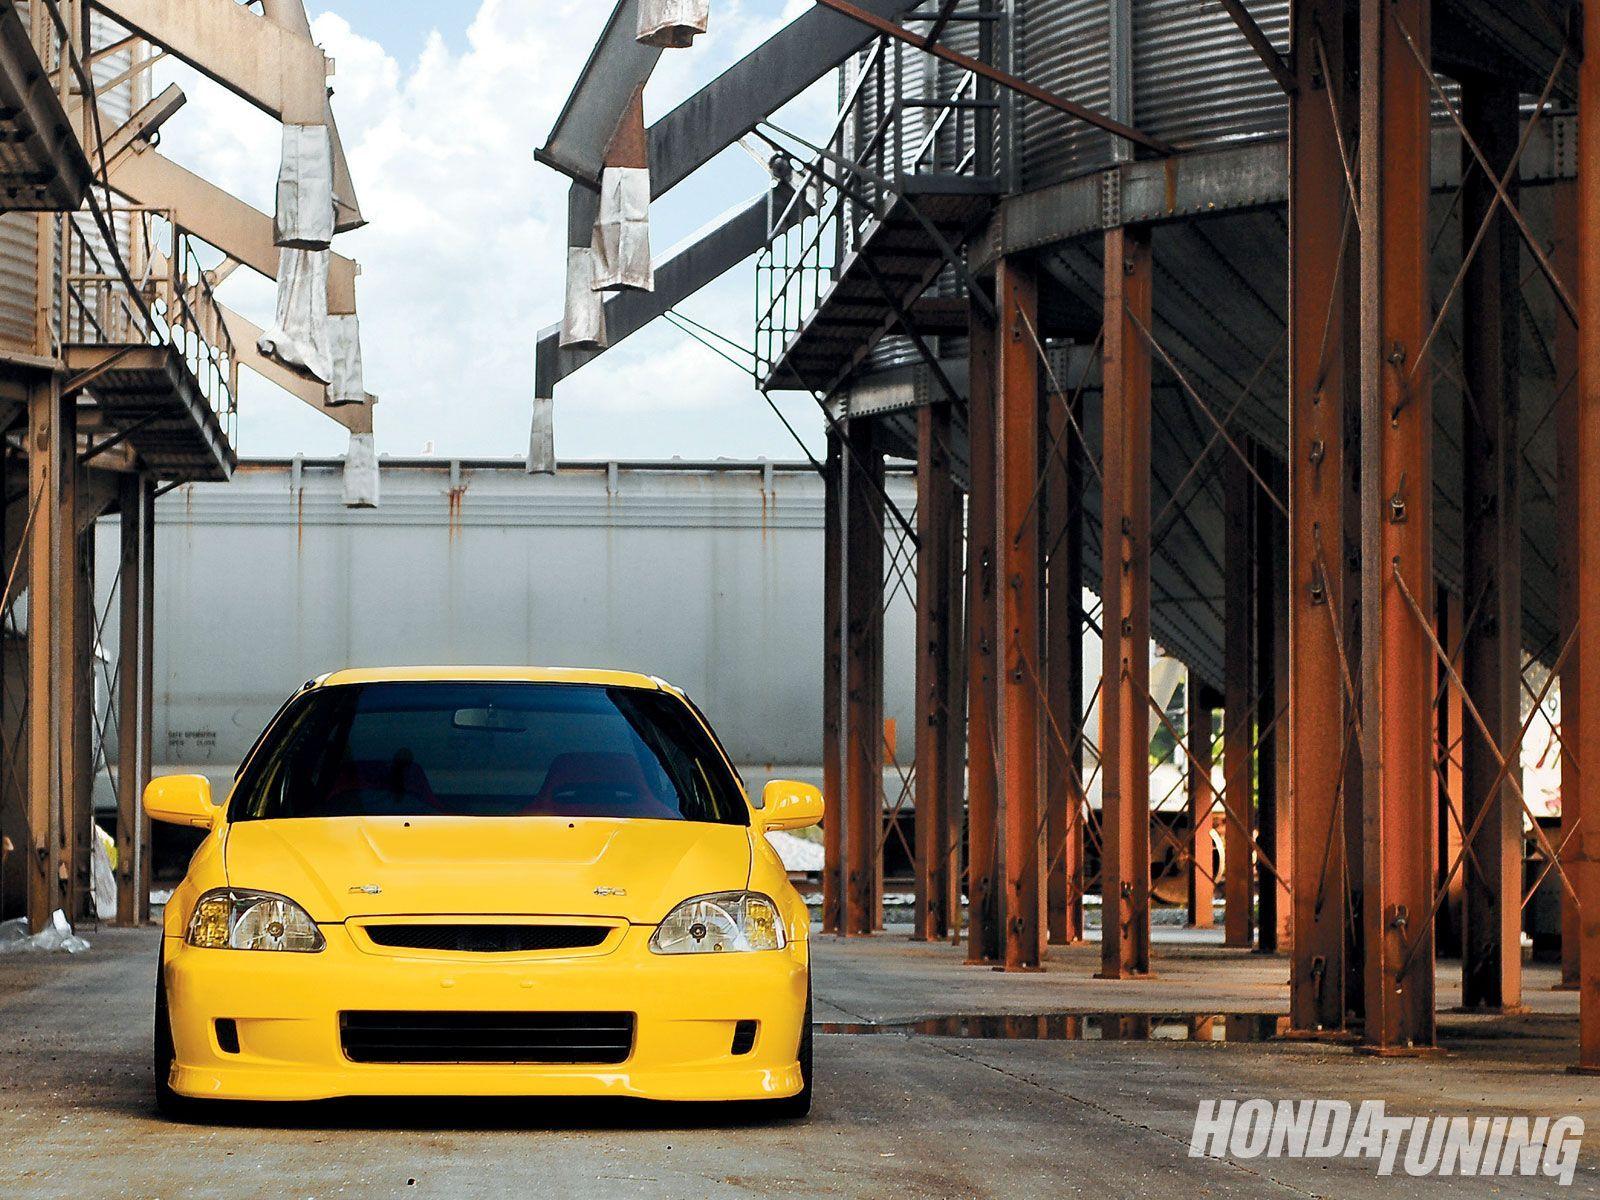 Výsledek obrázku pro honda civic type r ek9 front Honda